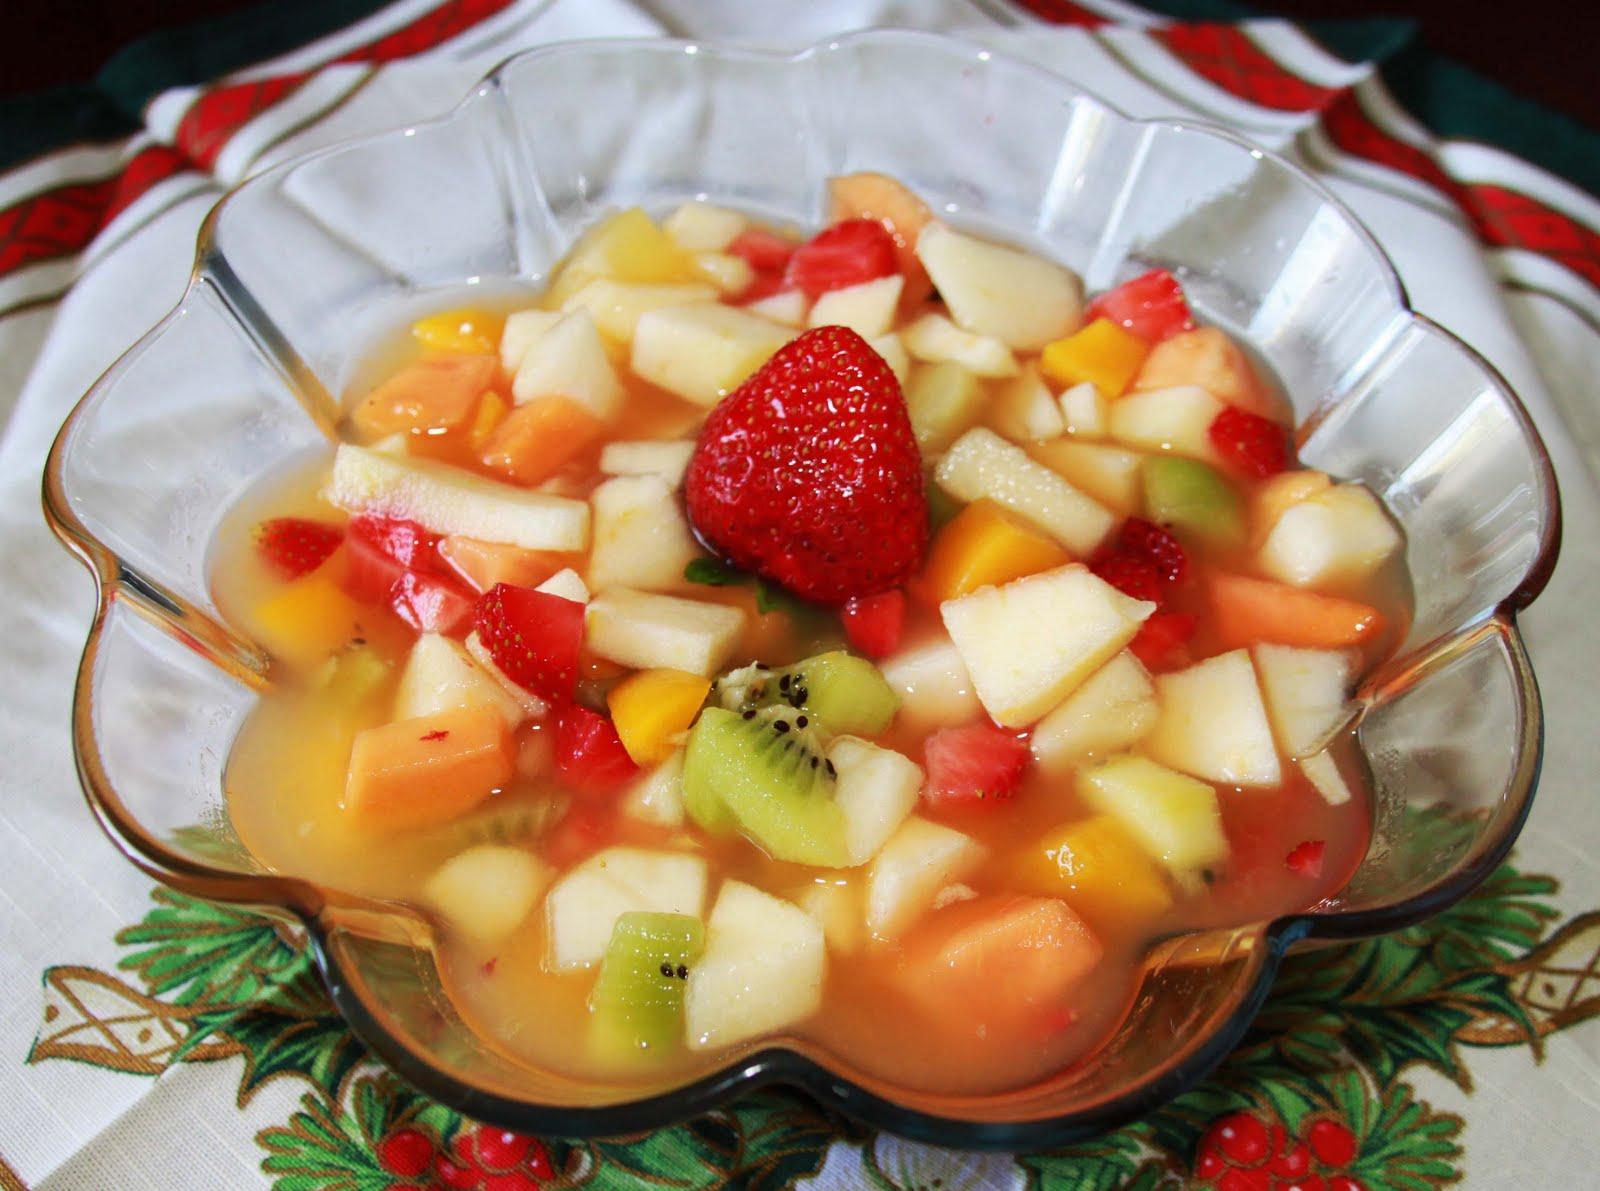 A comer y a callar macedonia de frutas - Macedonia de frutas thermomix ...